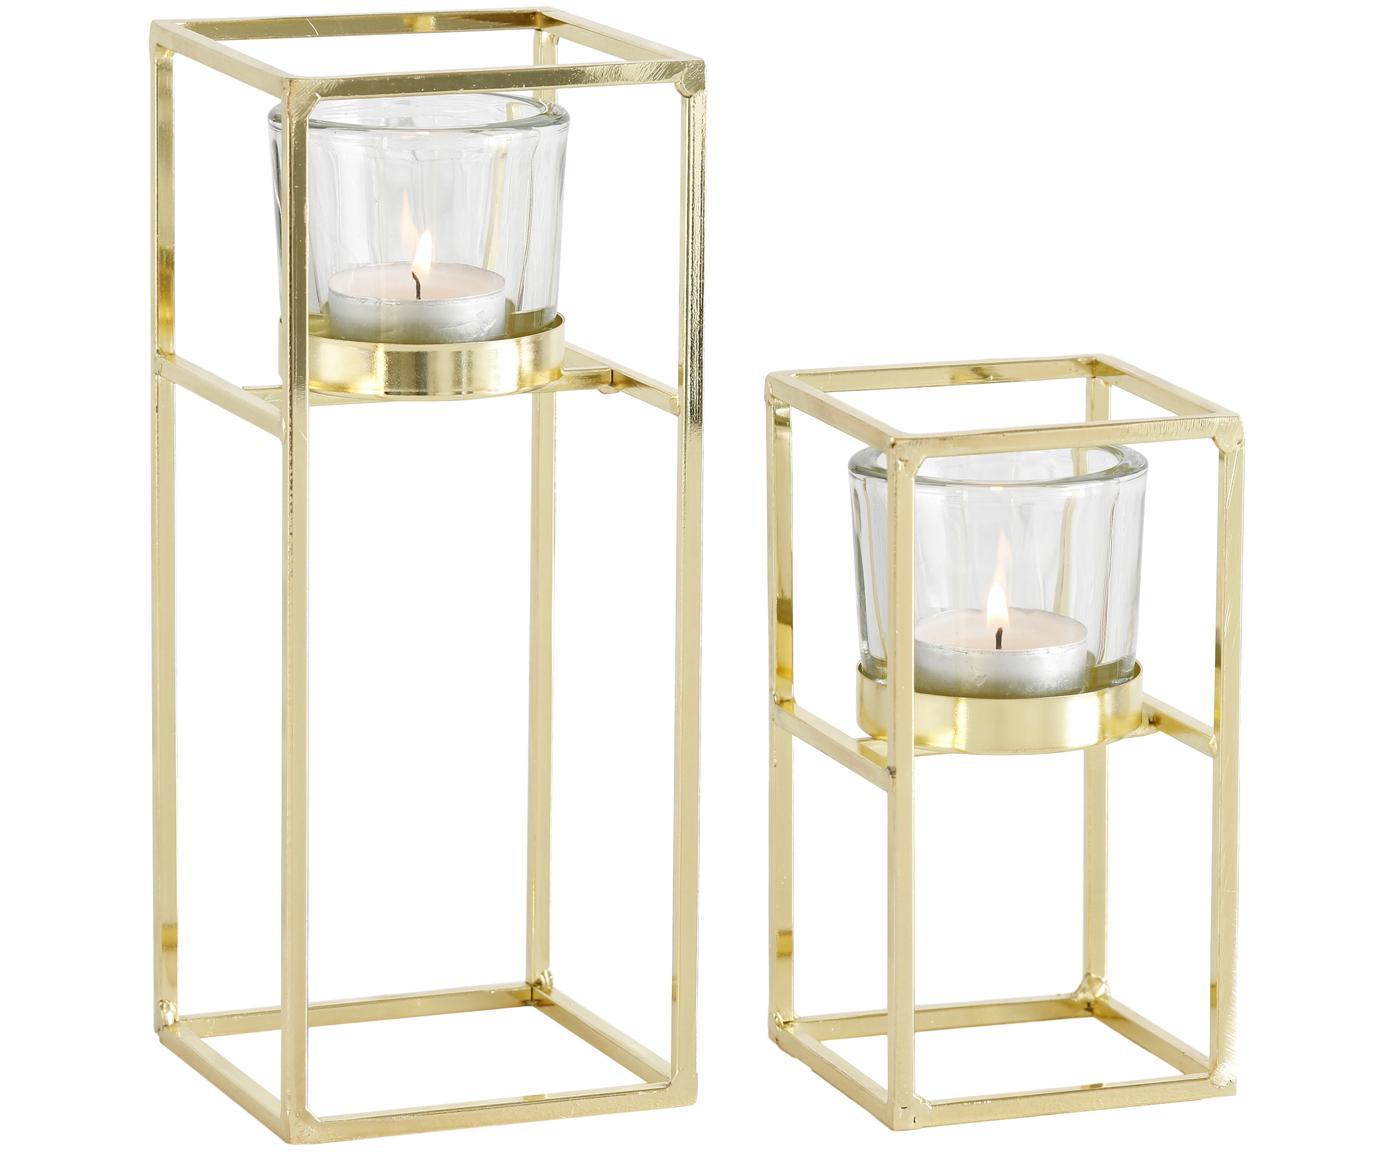 Windlichter-Set Tomba, 2-tlg., Windlicht: Glas, Gestell: Metall, beschichtet, Transparent, Messingfarben, Verschiedene Grössen